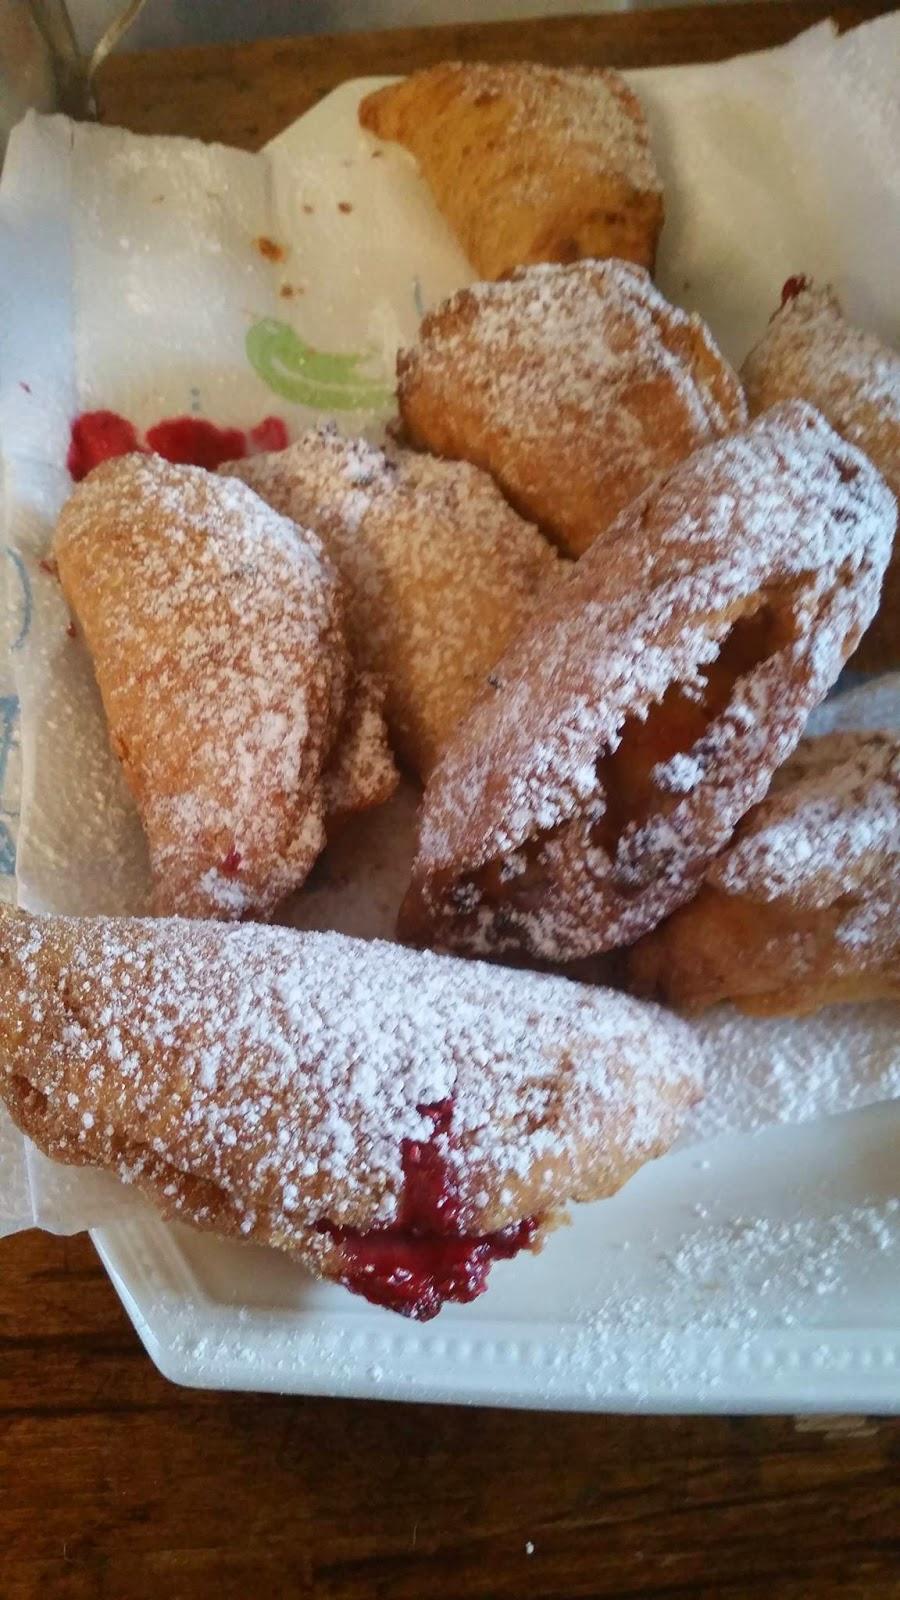 Coffee Mermaid's Adventures: Fried Fruit Pies